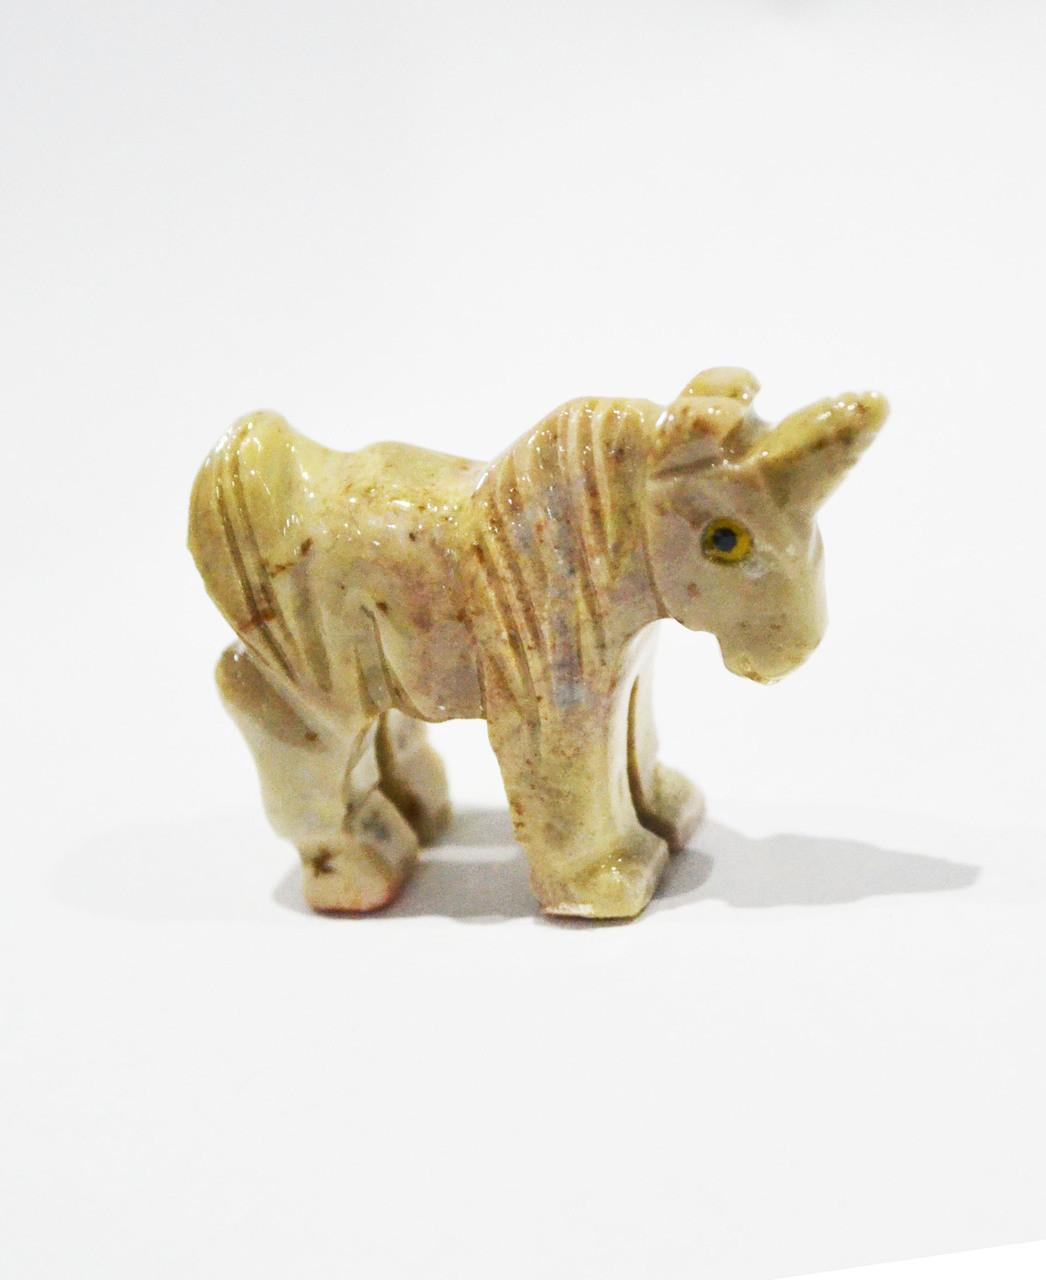 Unicorn Stone Carving